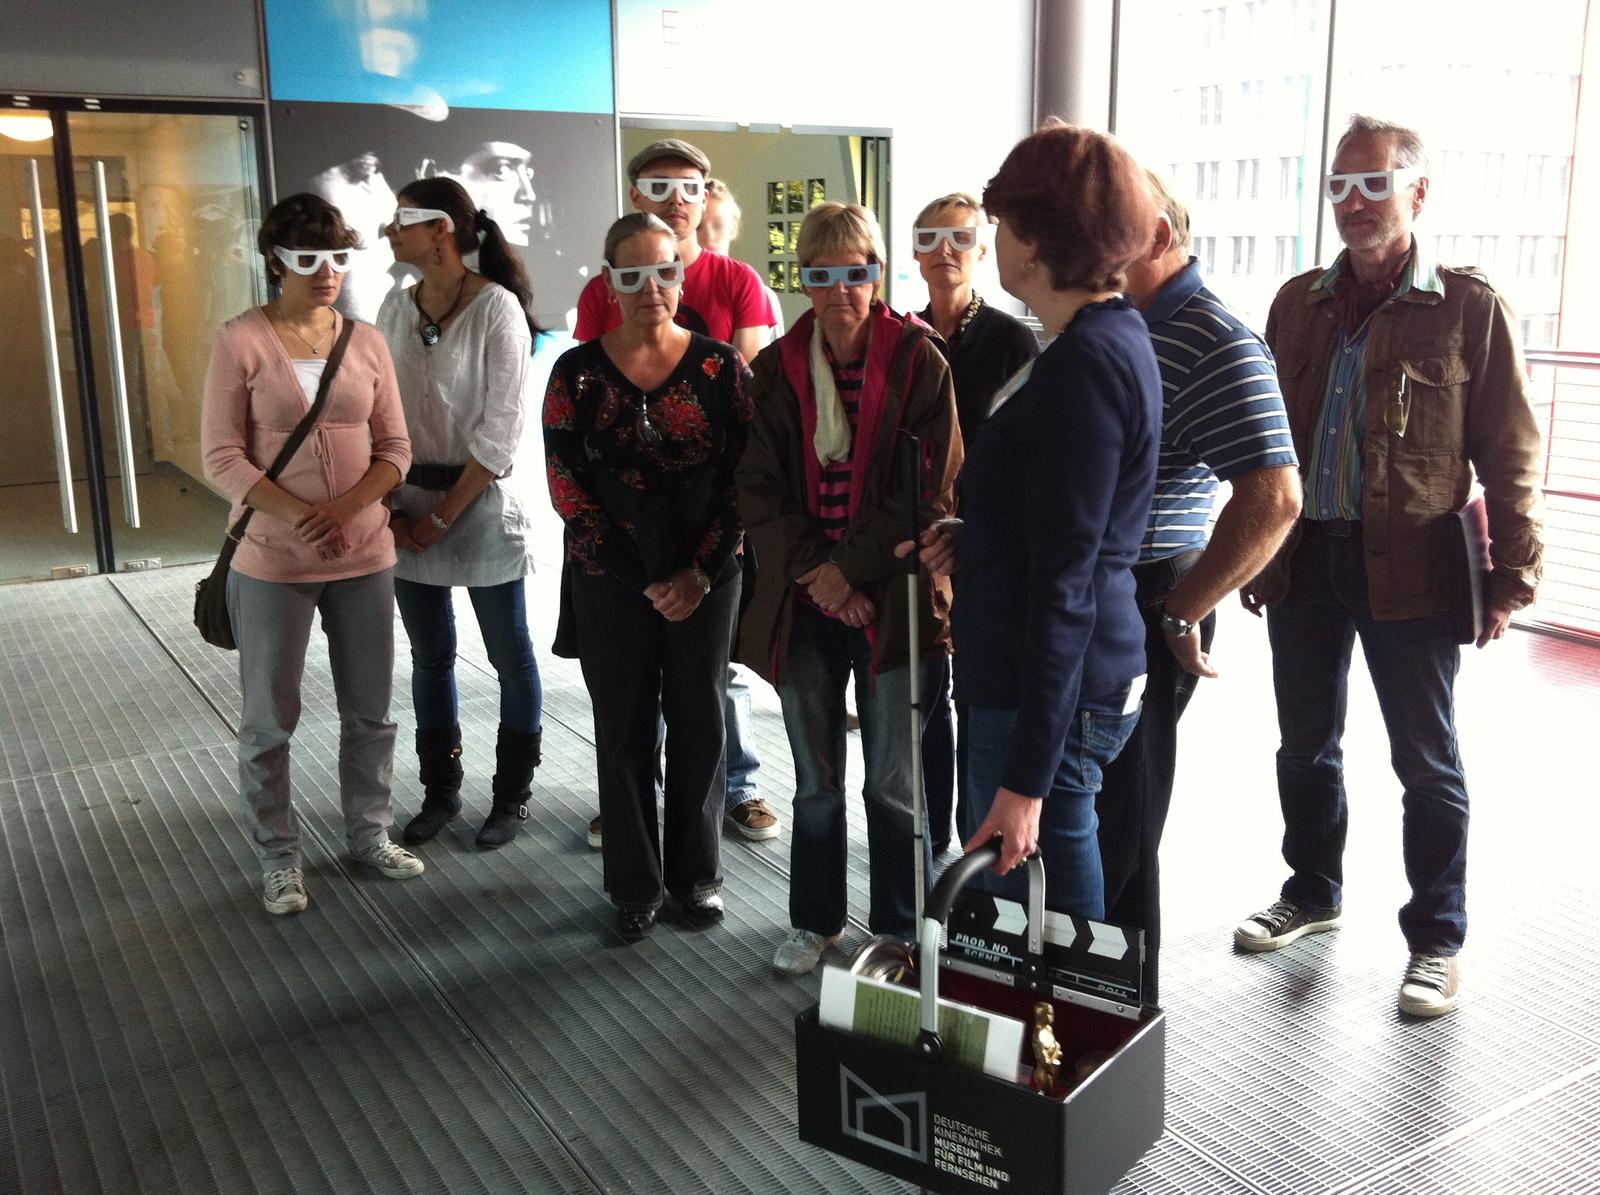 Simulationsführung für Sehende durch unsere Ständige Ausstellung